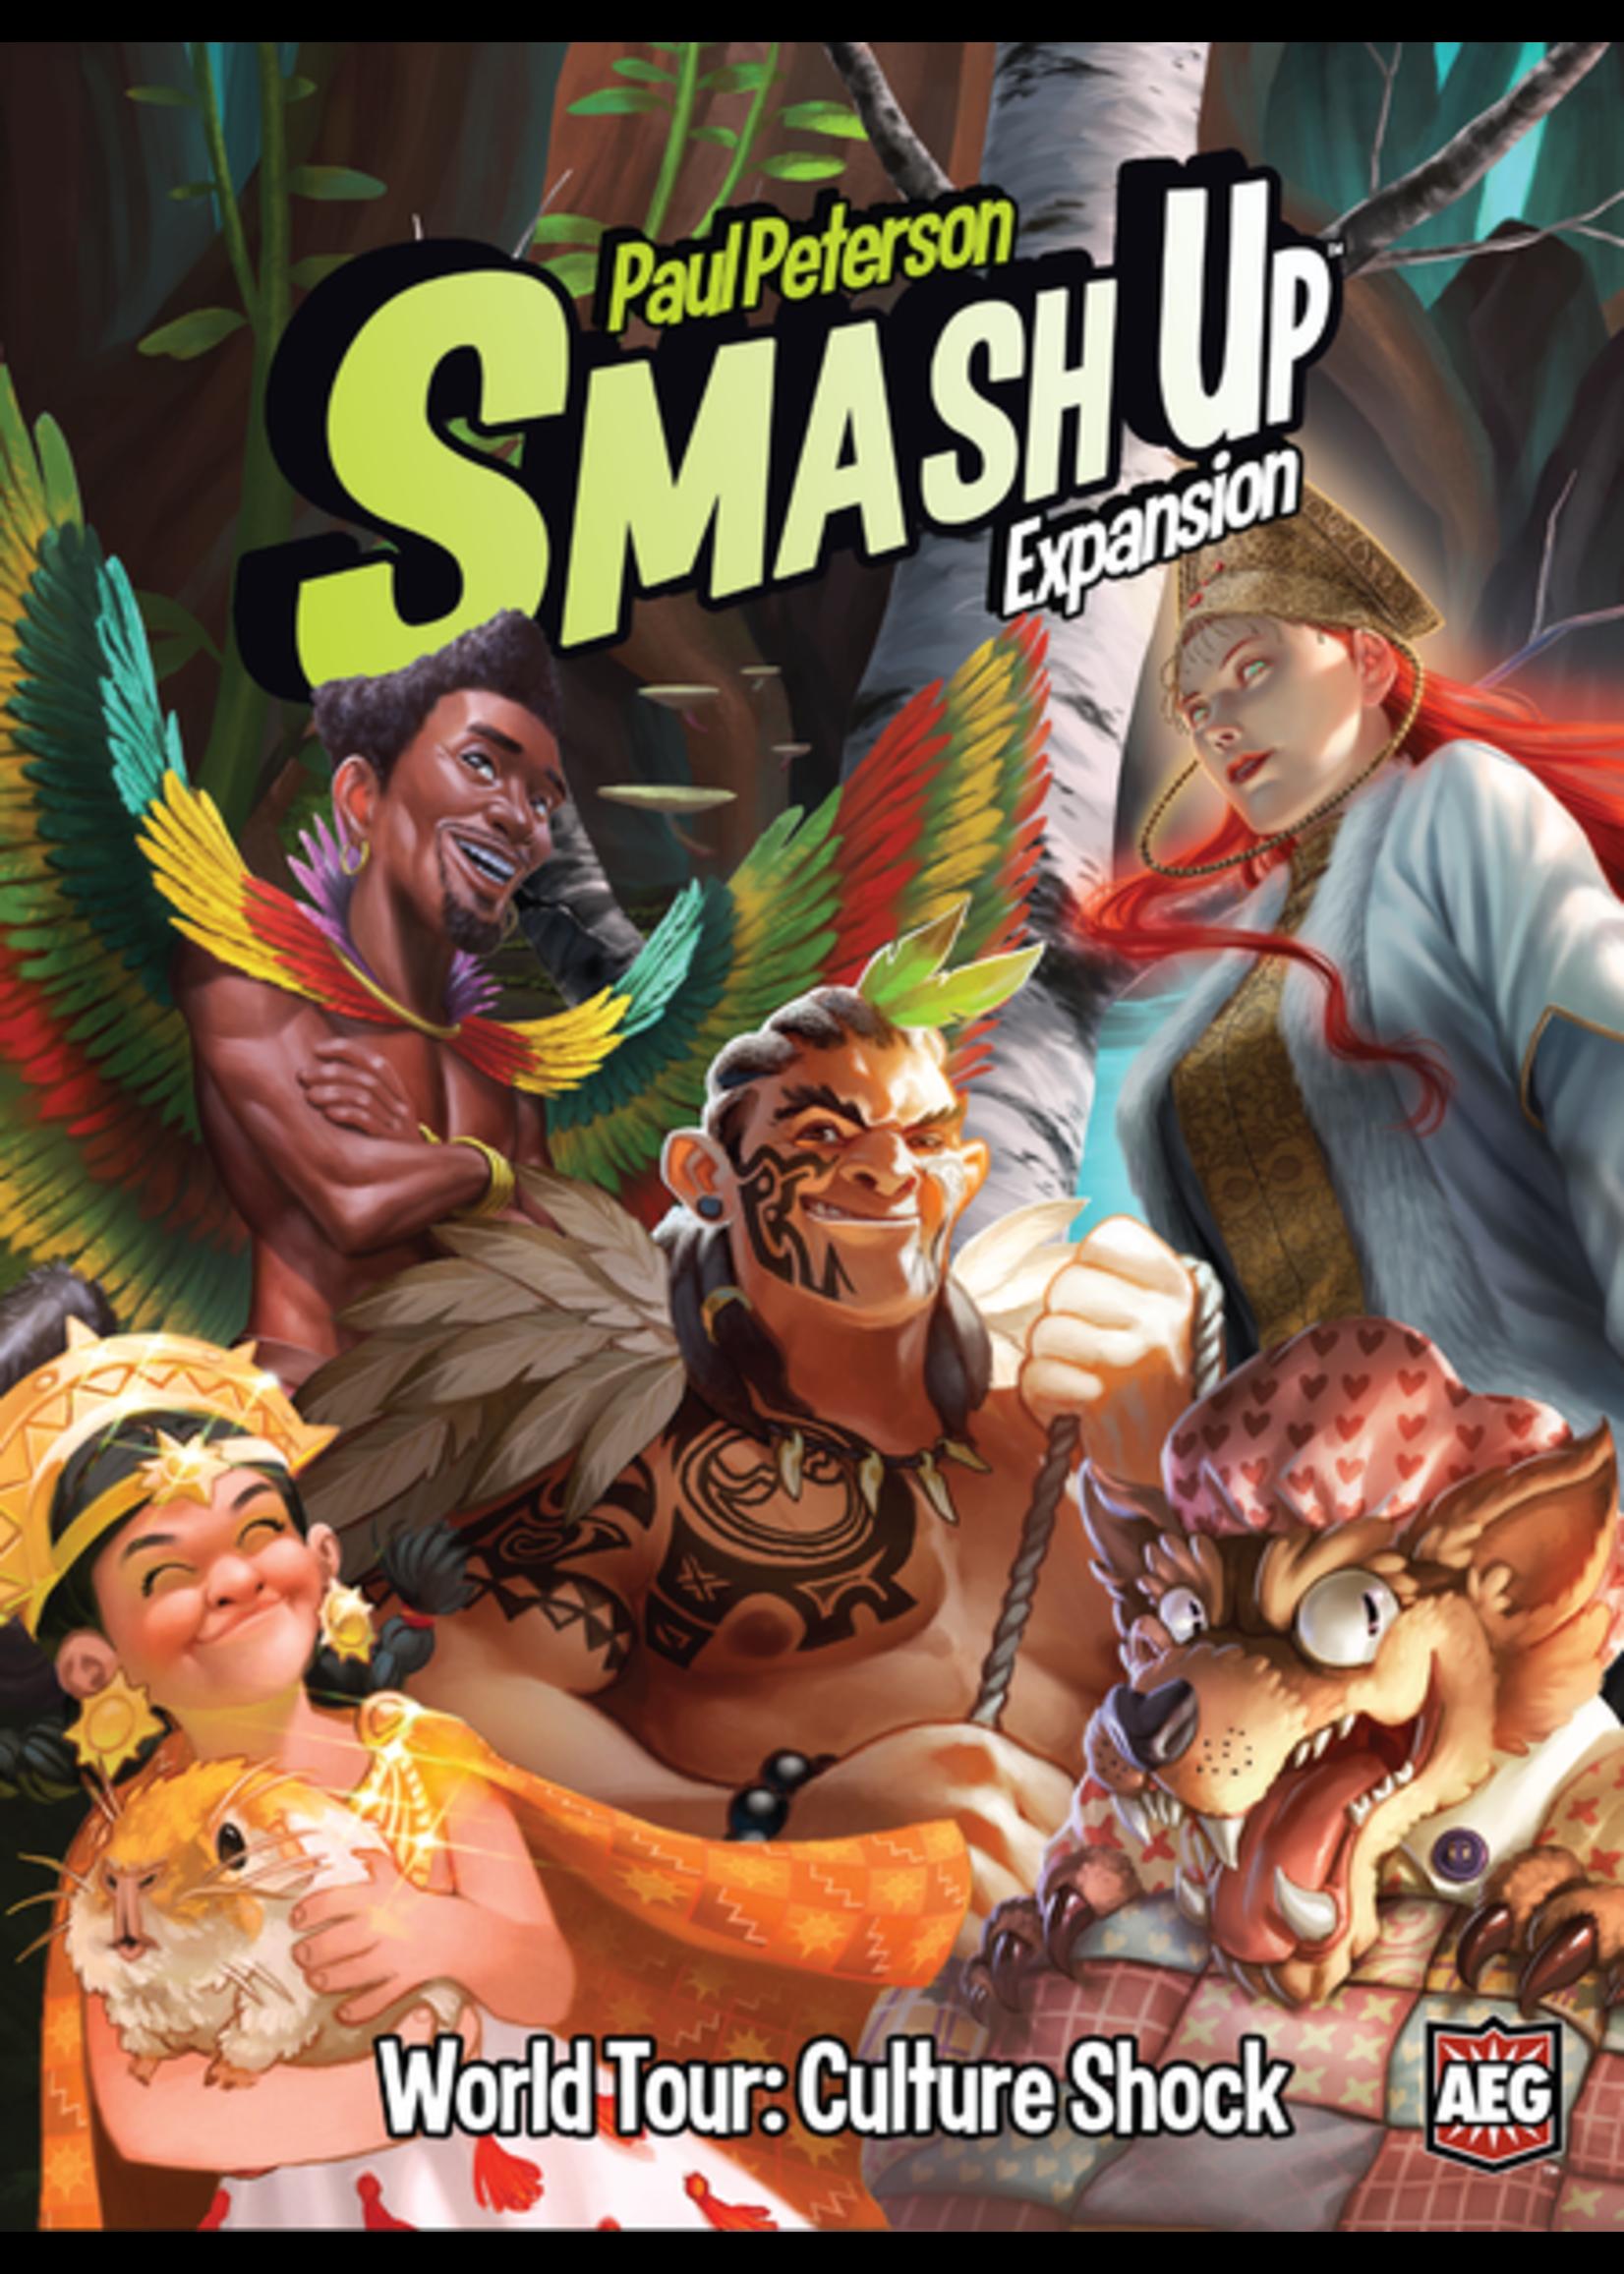 Smash Up Expansion World Tour: Culture Shock